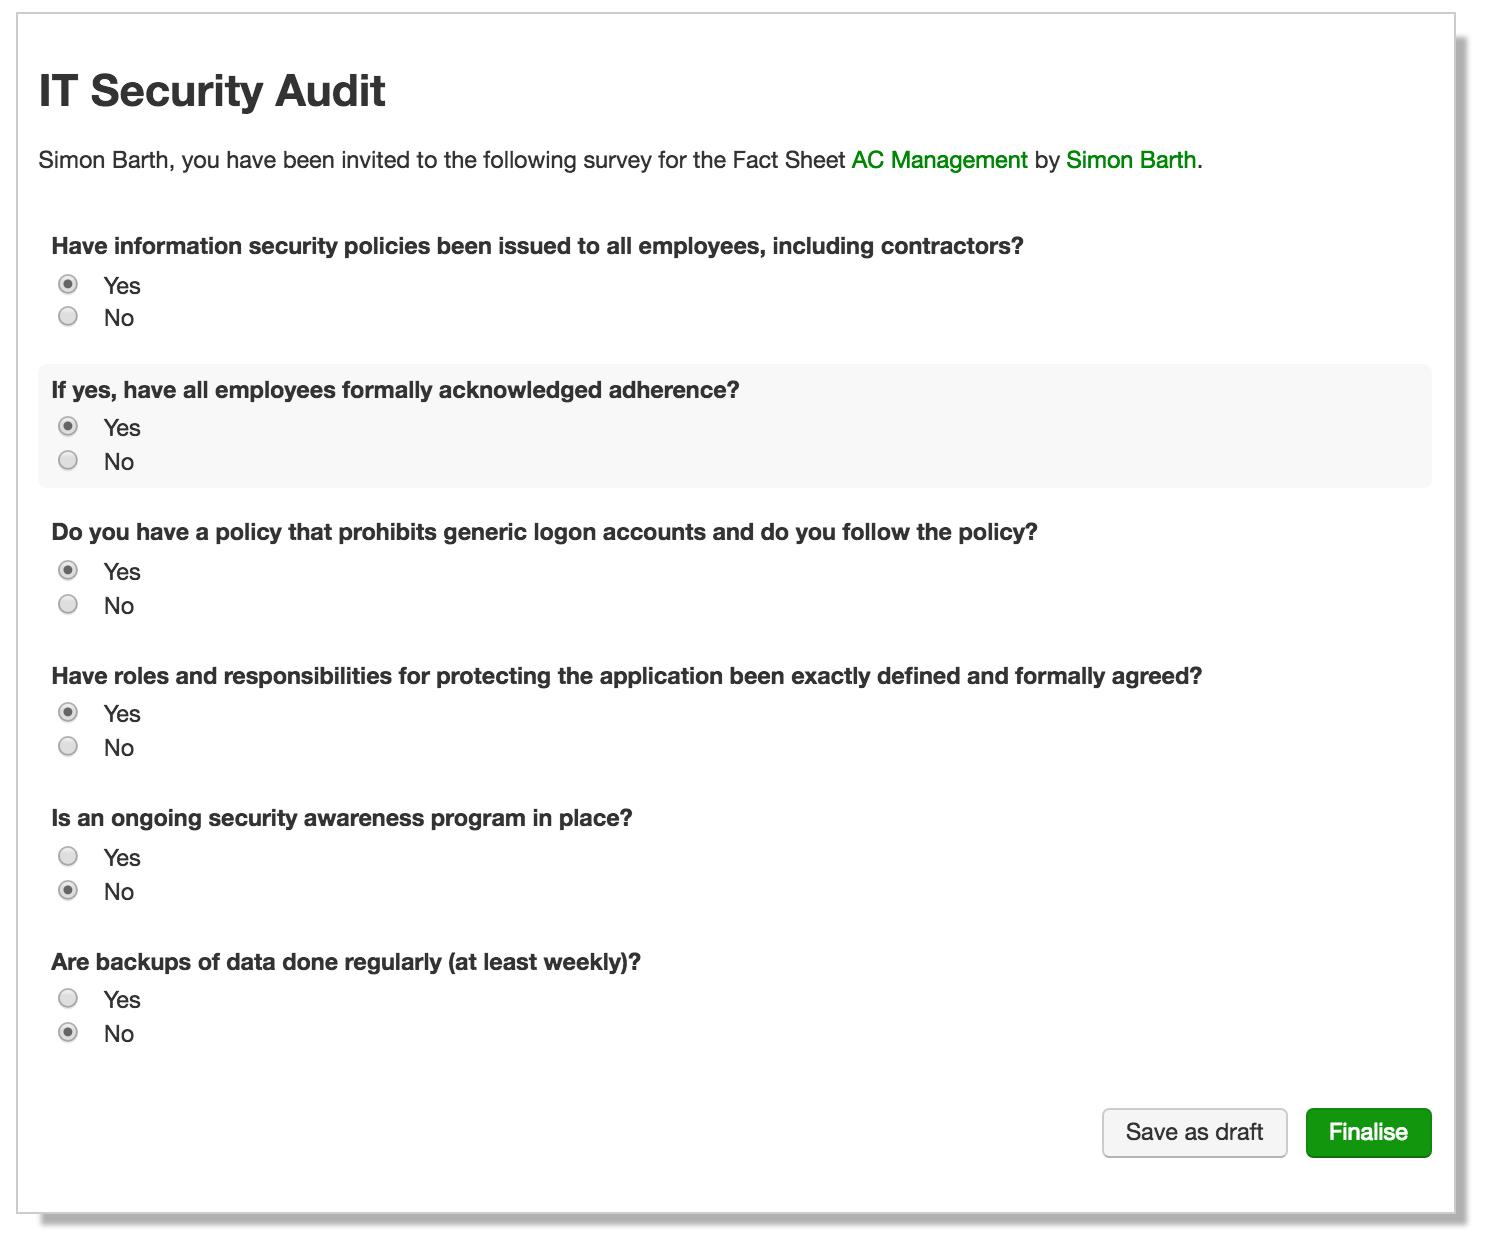 Halten wir uns an verpflichtende IT Sicherheitsanforderungen?